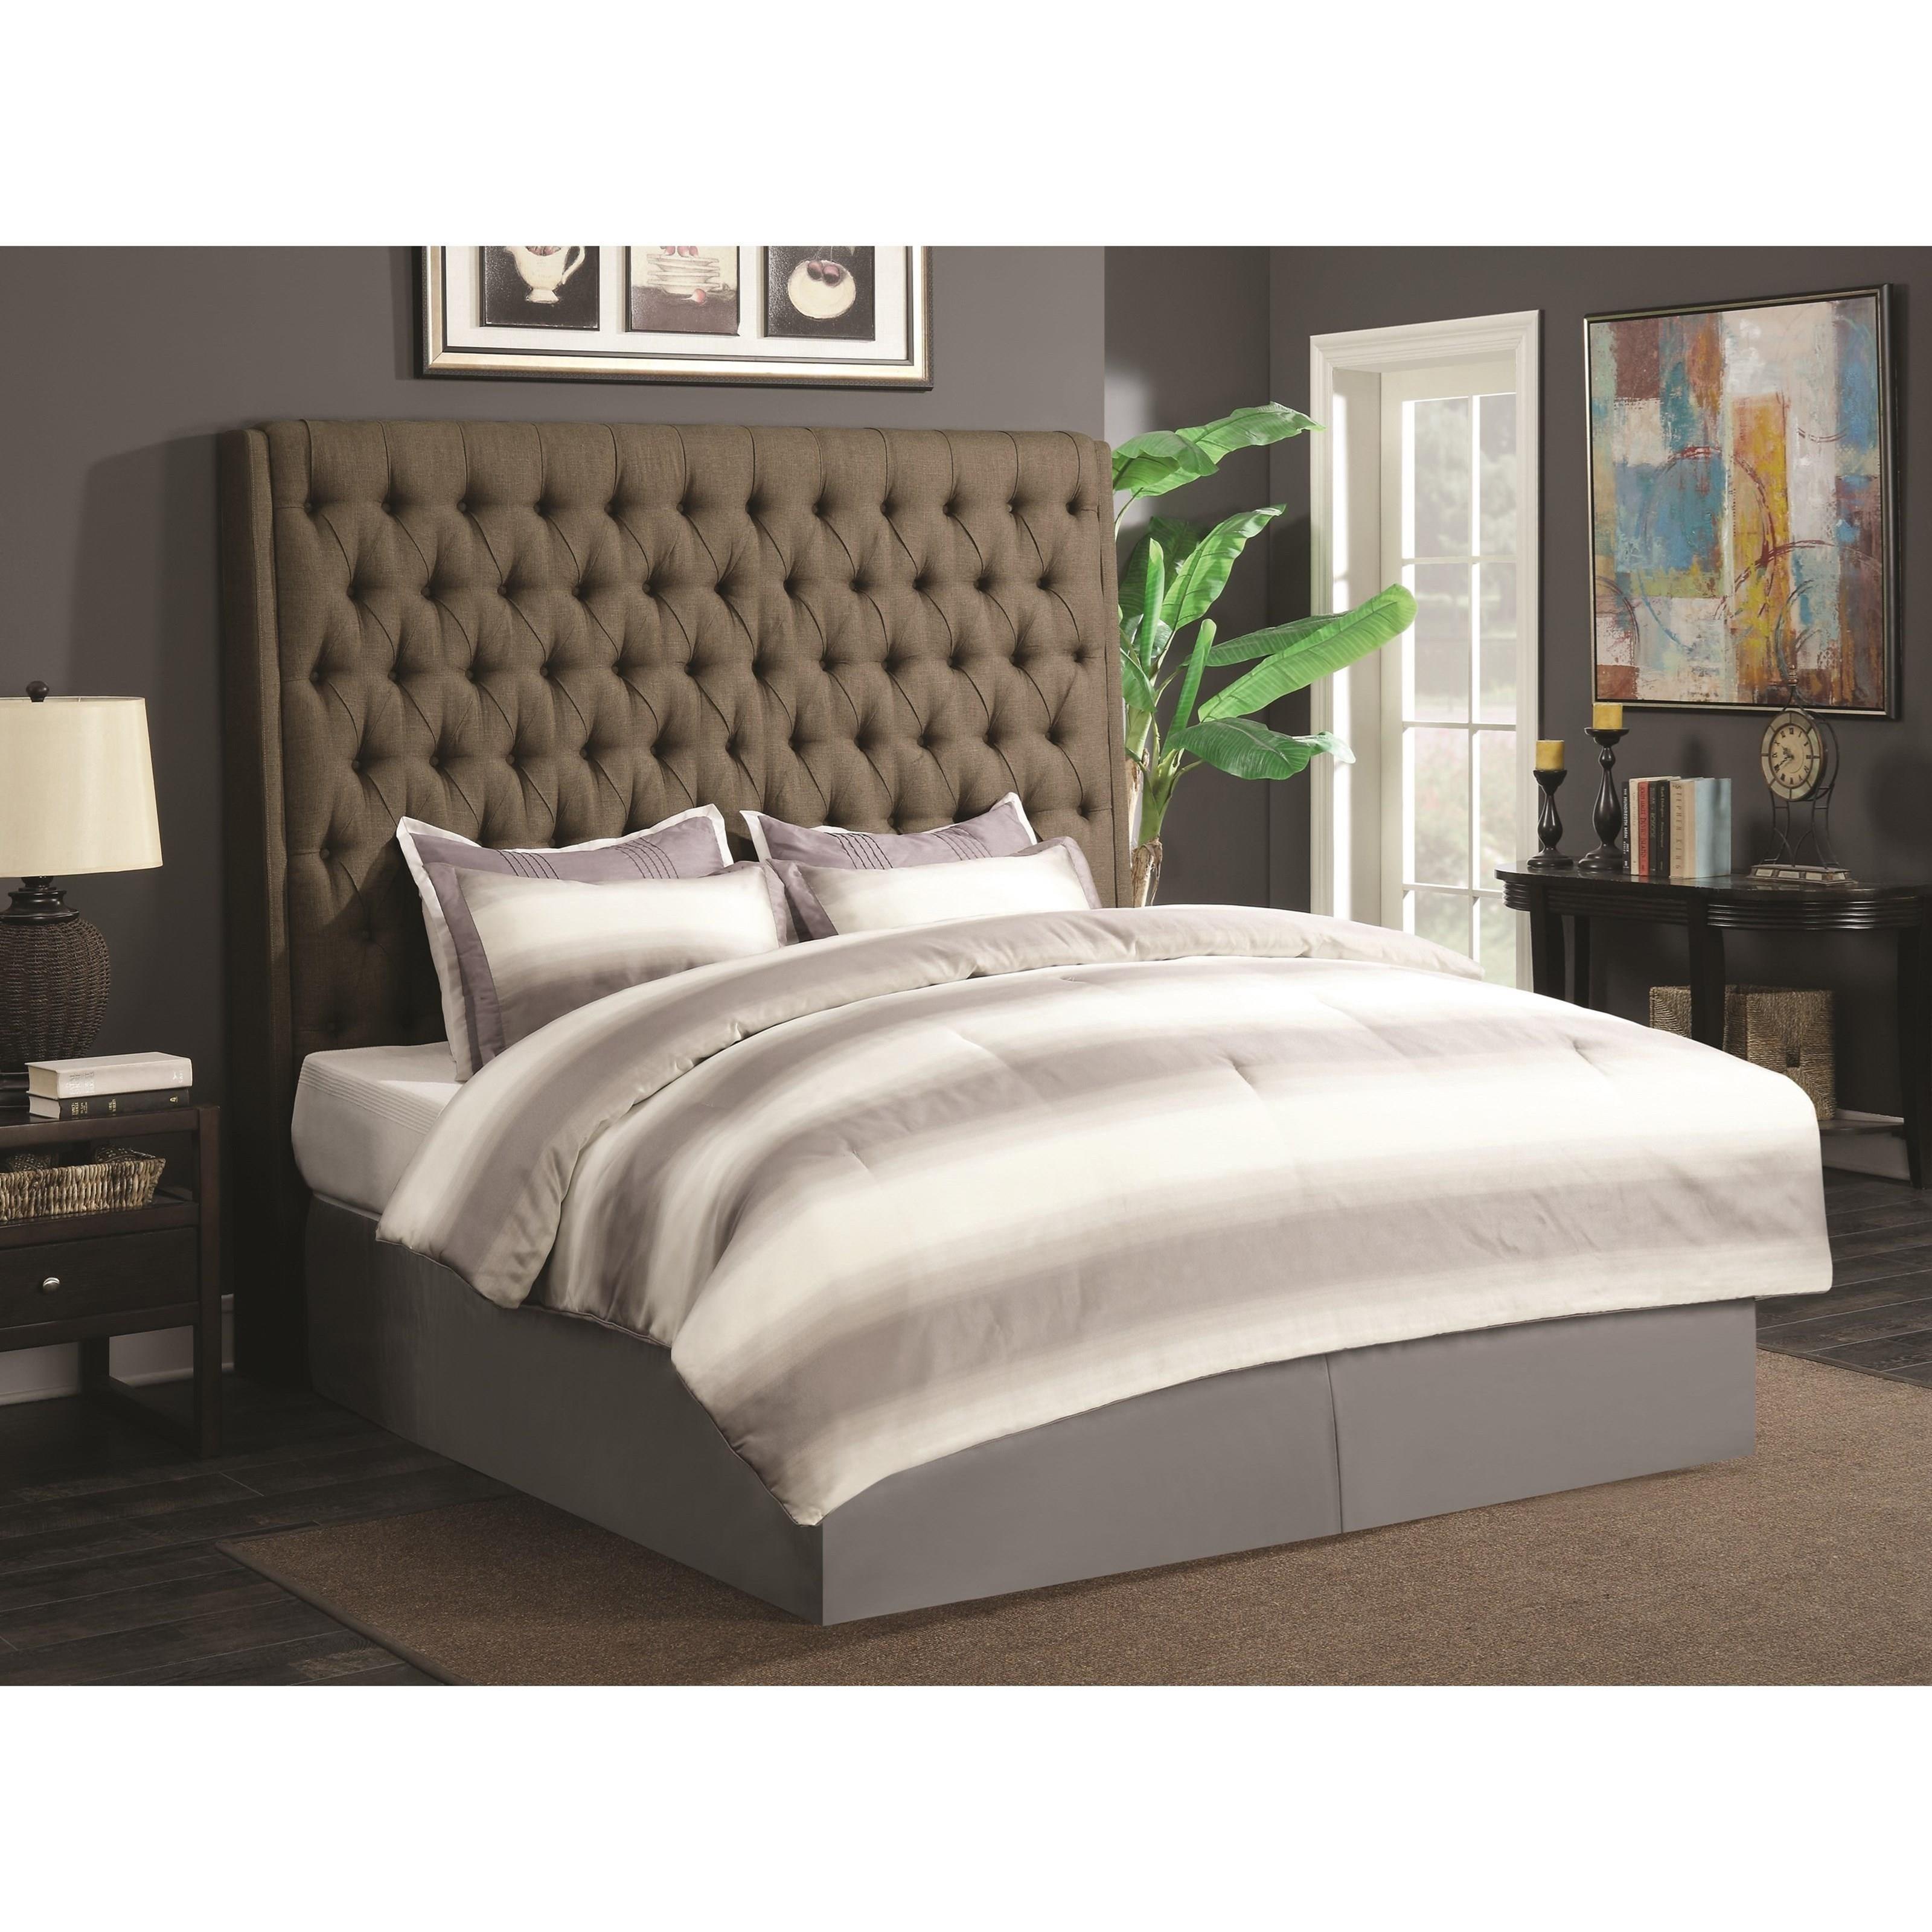 Coaster Upholstered Beds Cal King Headboard - Item Number: 300721KWB1